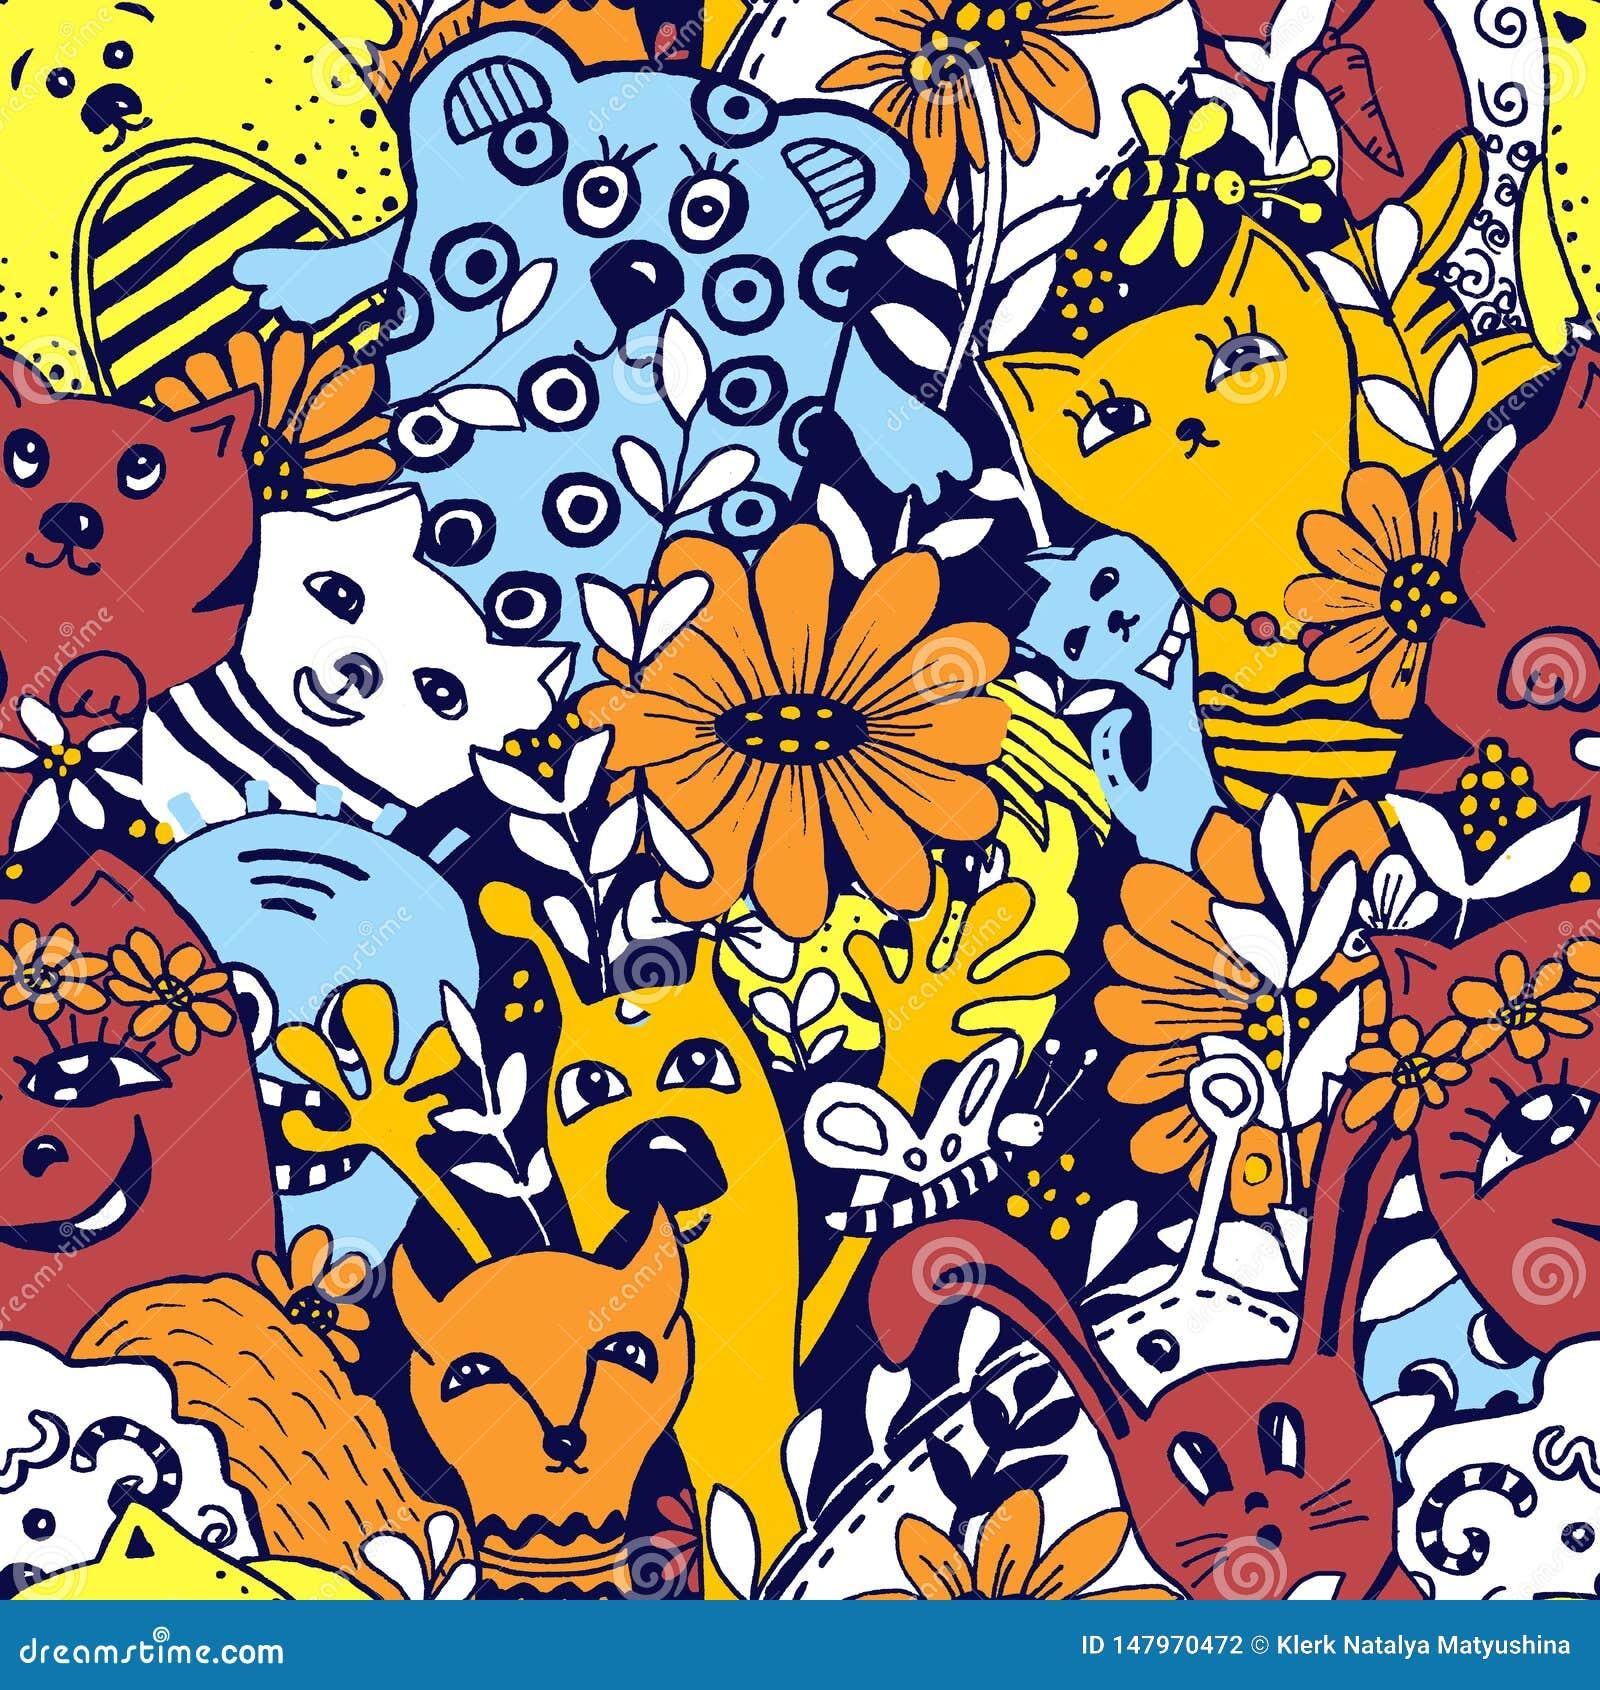 E Персонажи из мультфильма в стиле kawaii с изображением животных, птиц и цветков Предпосылки дизайна,